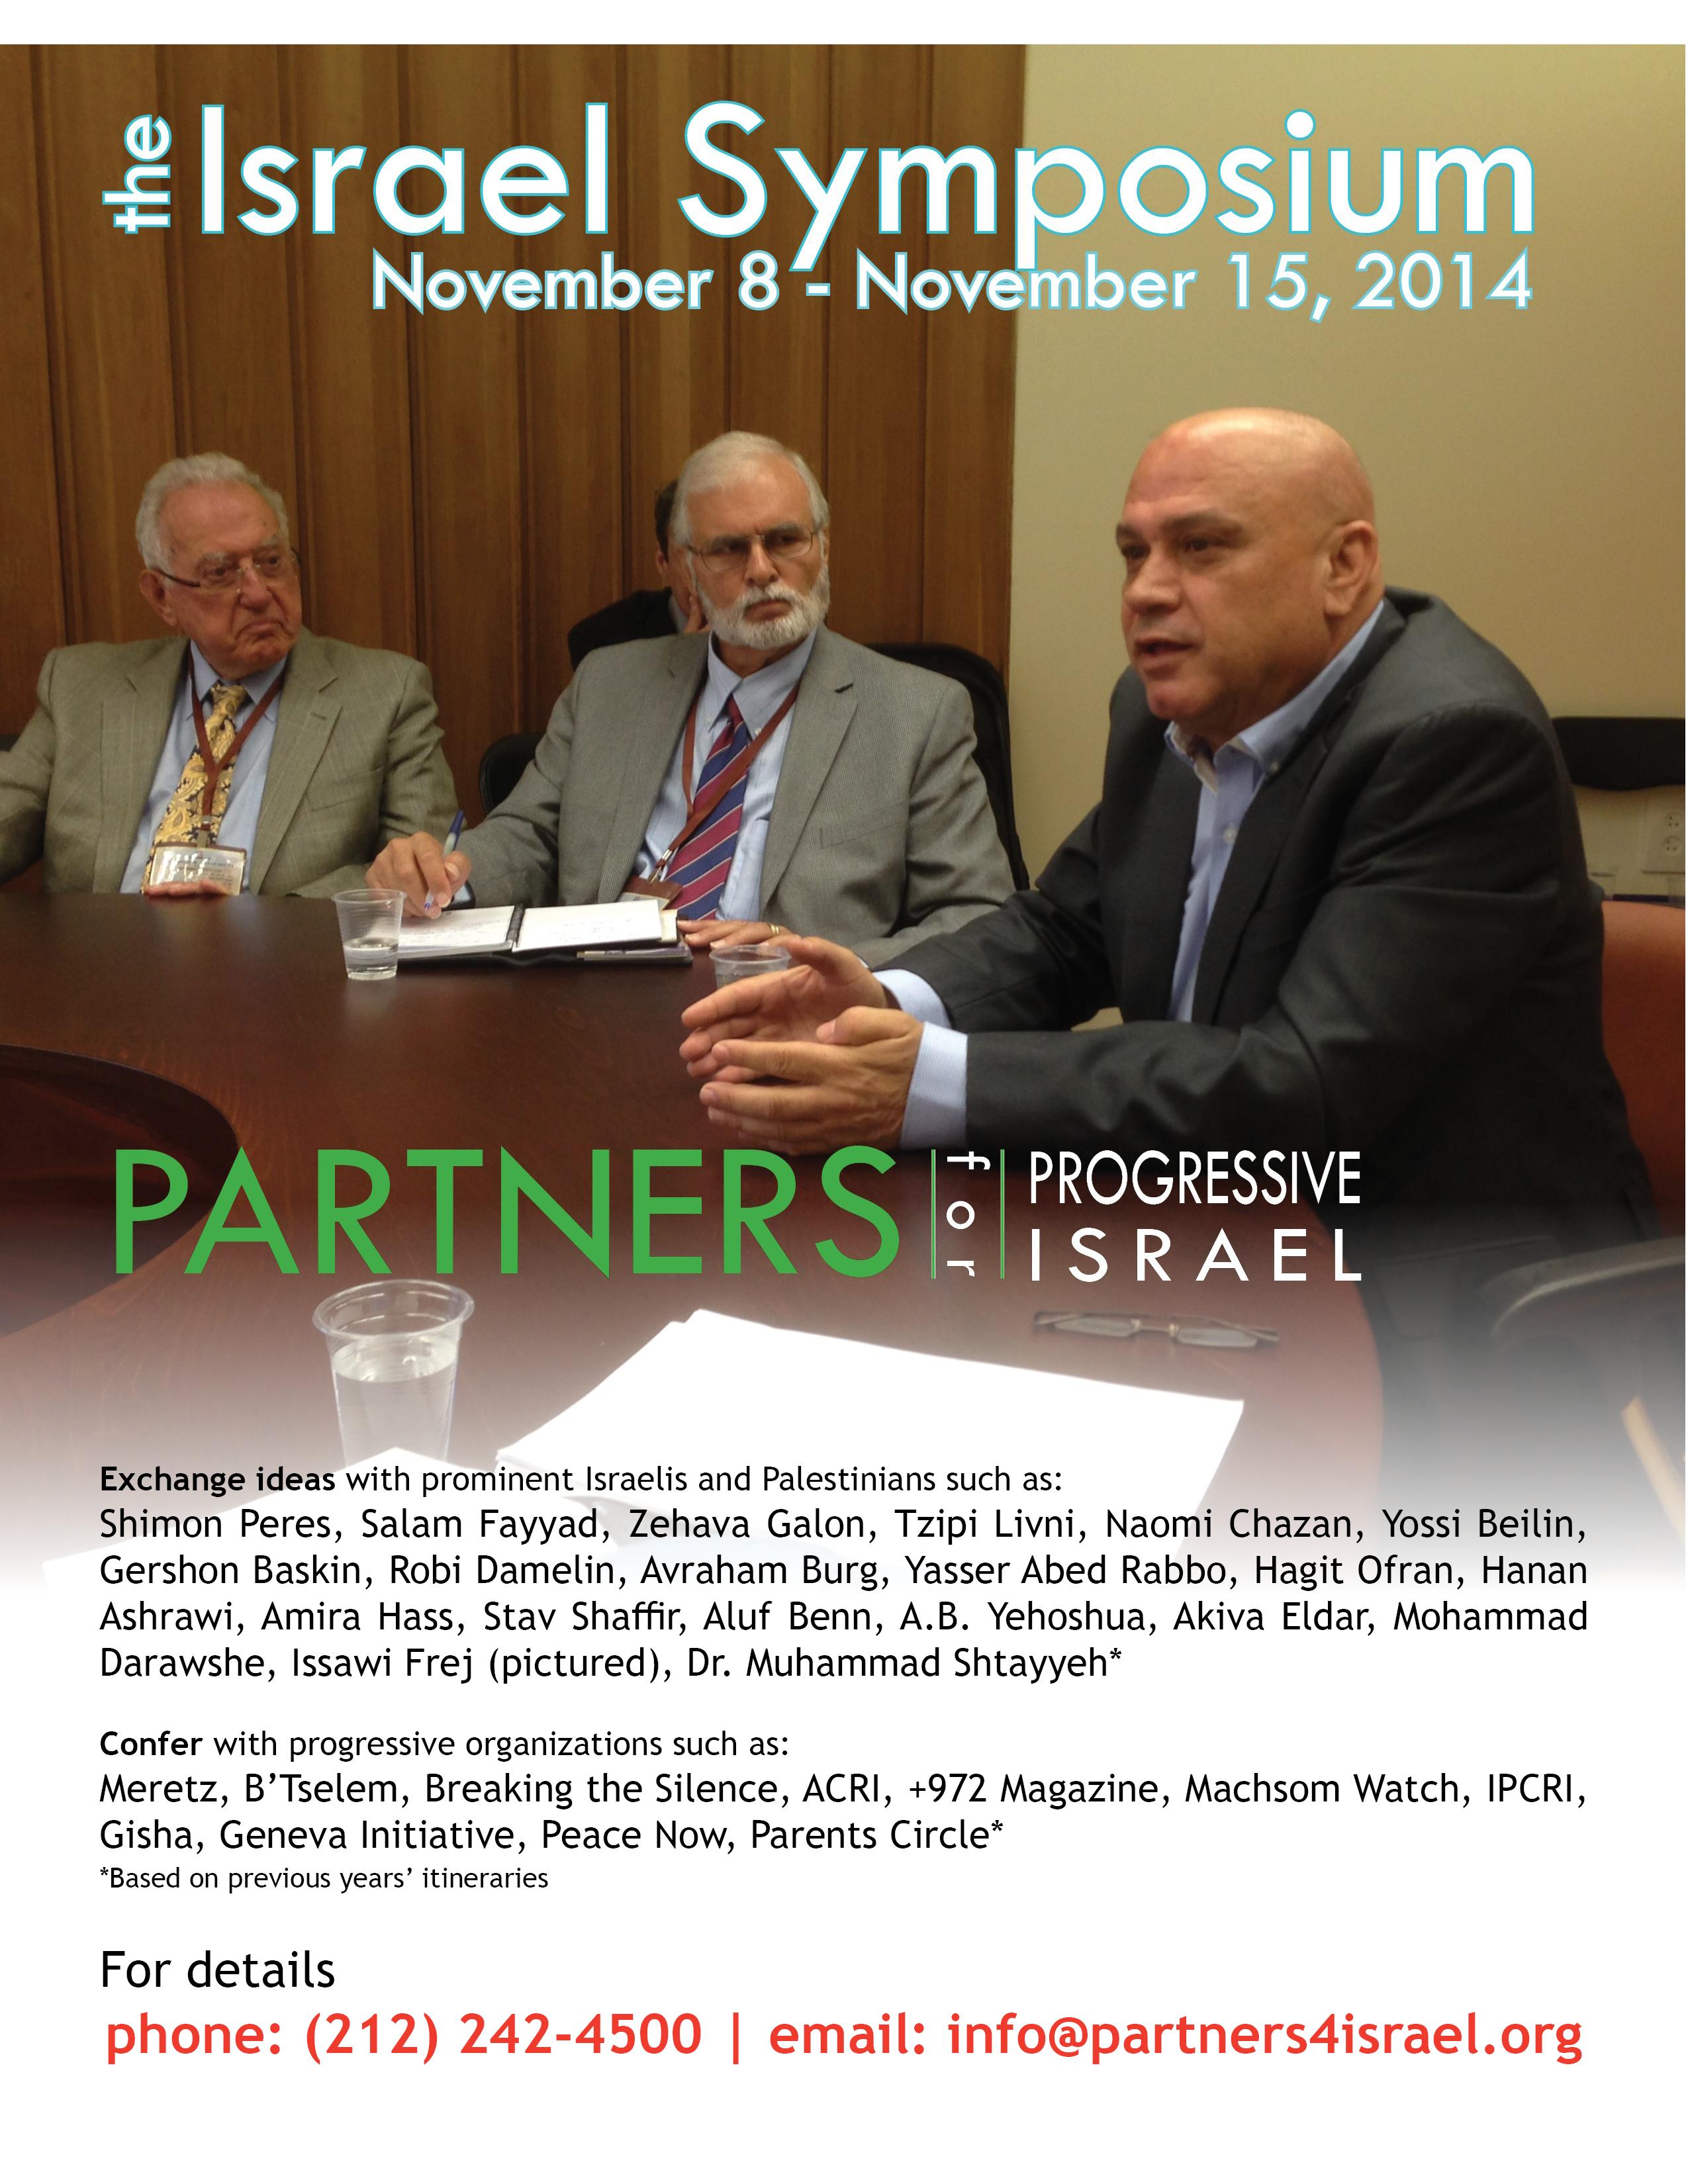 Israel Symposium flier Issawi Frej